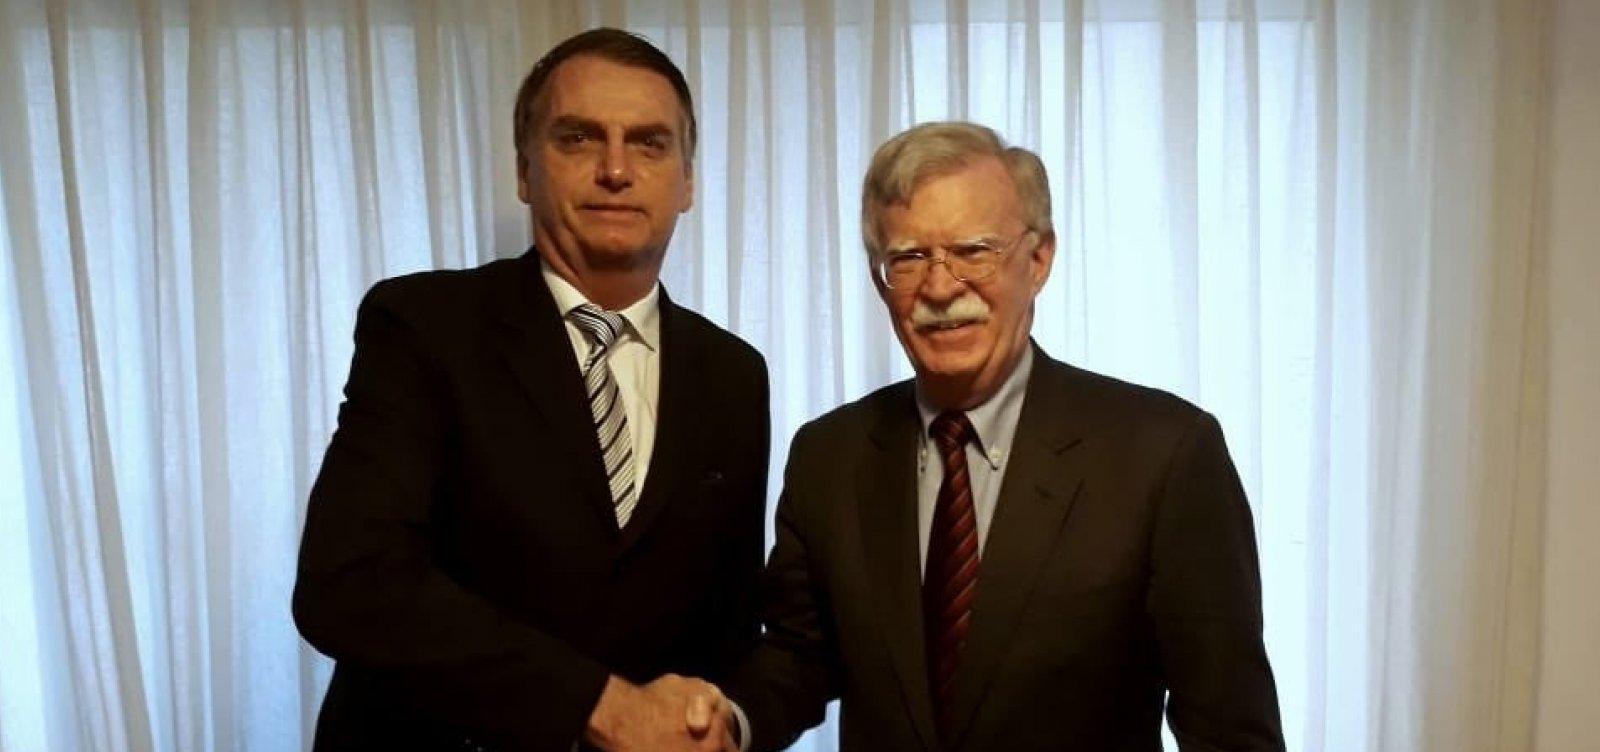 [Assessor de Trump visita Bolsonaro e convida presidente eleito a visita nos EUA]